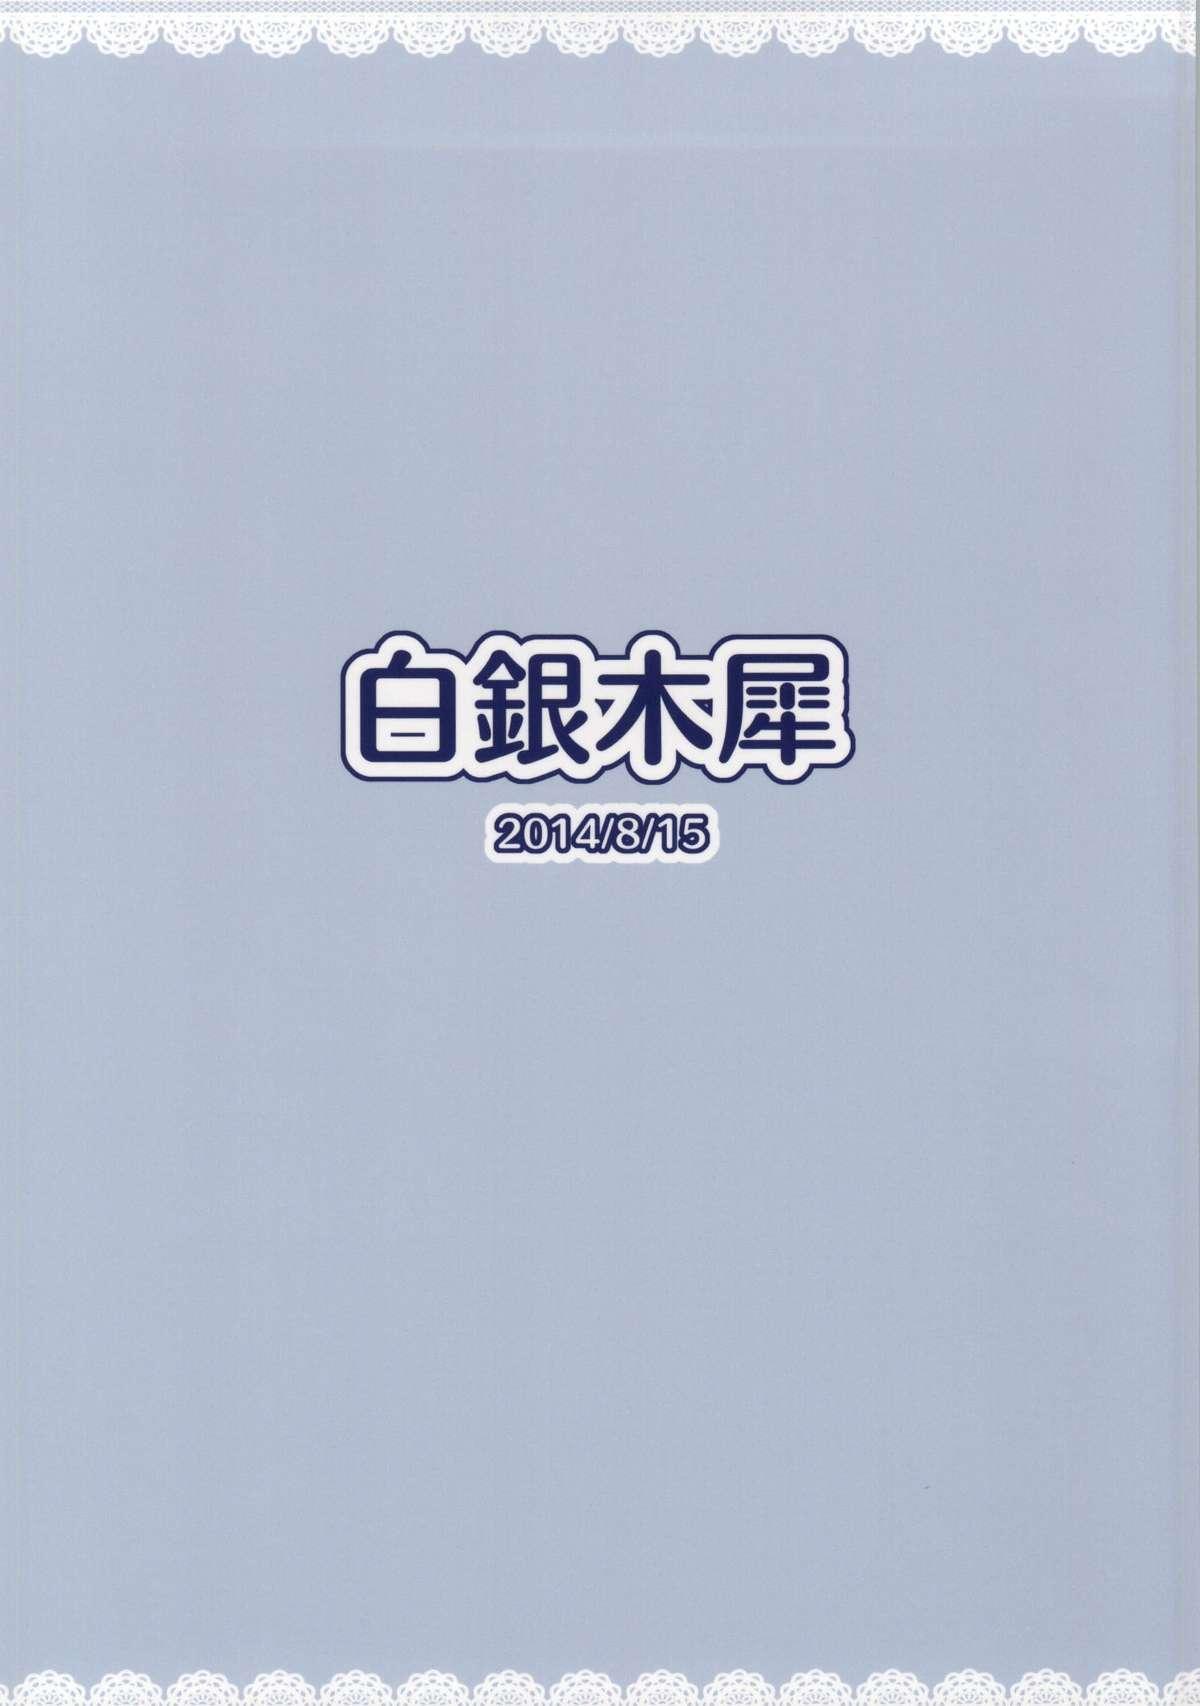 Kaga-san no Paizuri Senyou Oppai Onaho 18